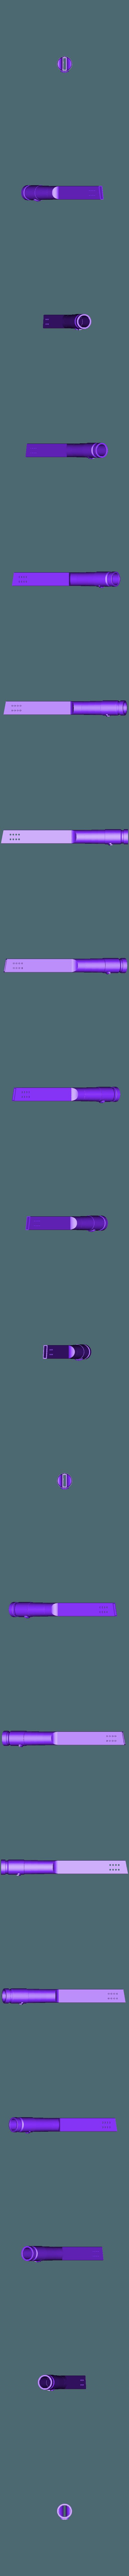 dyson4.stl Download free STL file Un embout compatible pour l'aspirateur Dyson • 3D printing object, Cyborg